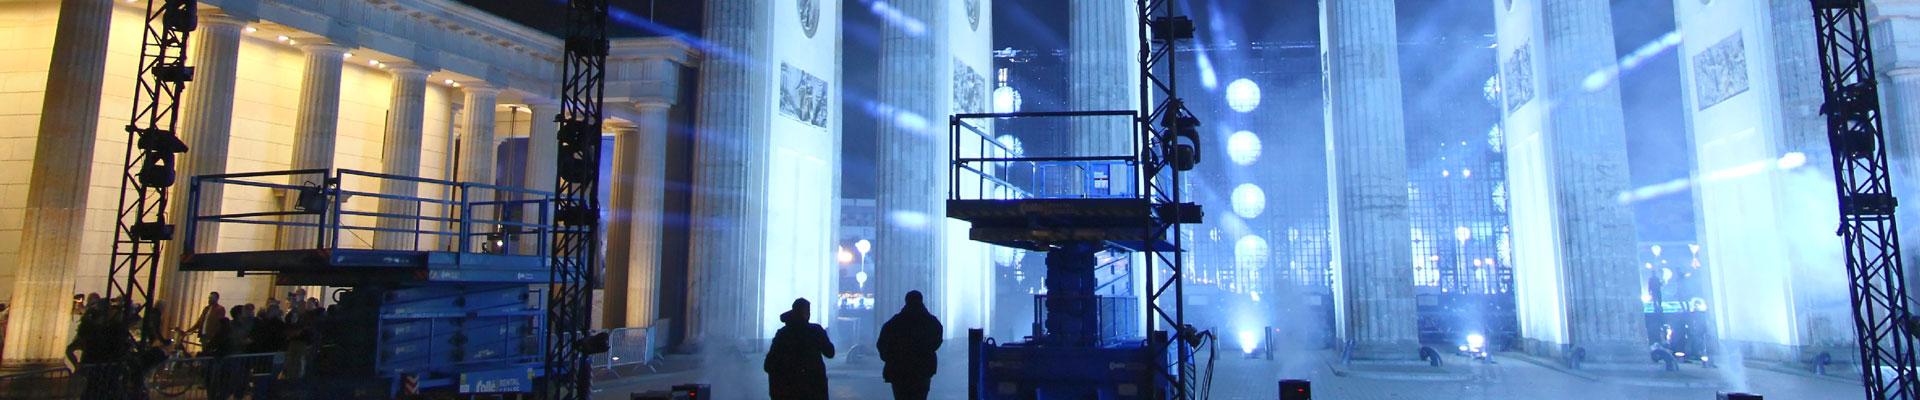 Bügerfest Mut zur Freiheit: Blick durch das Brandenburger Tor durch die hell angestrahlten Tordurchfahrten.